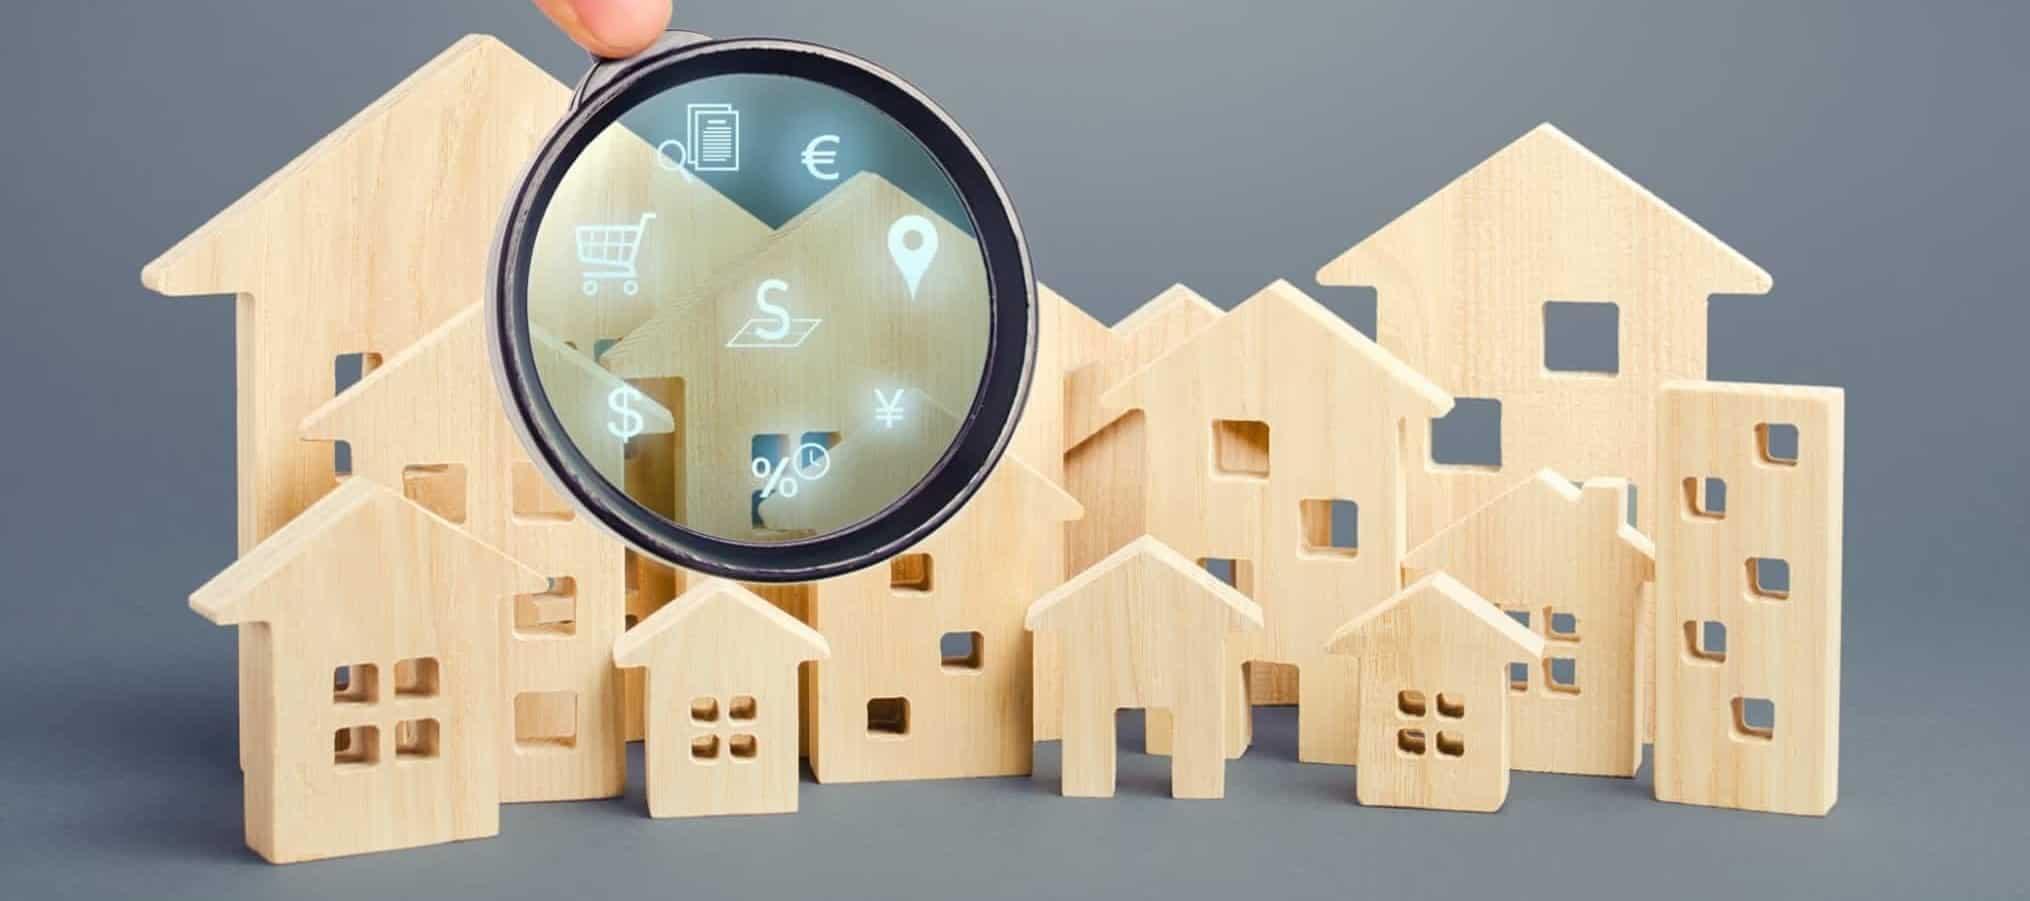 Figuras de casas e prédios em madeira e uma lupa à frente através da qual se veem simbolos de dinheiro, localização e compras